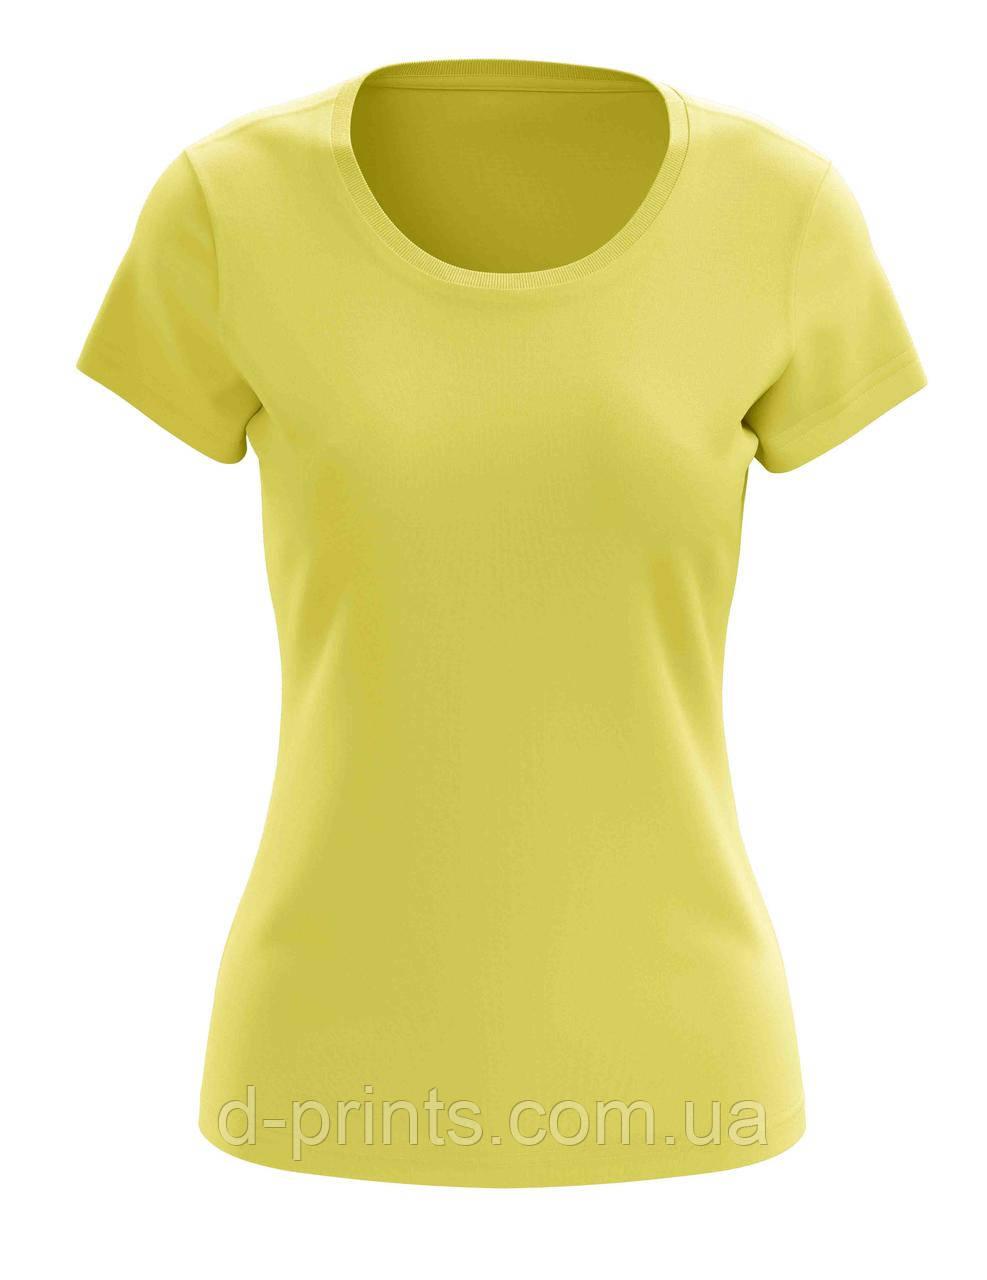 Футболка женская желтая 100% cotton